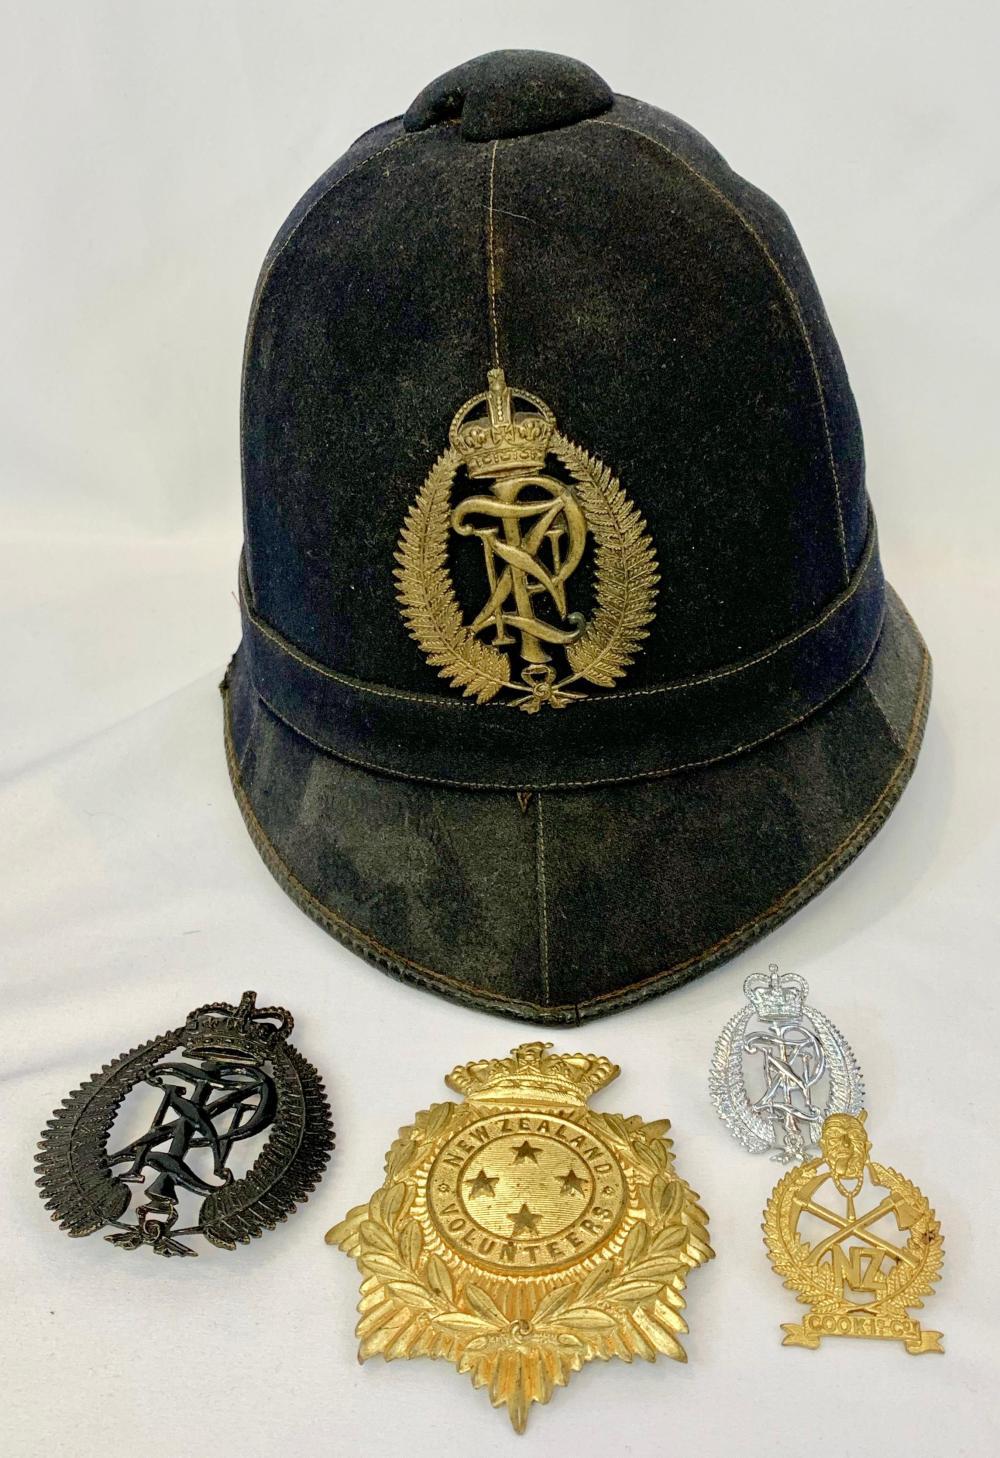 New Zealand Police Badges & Helmet